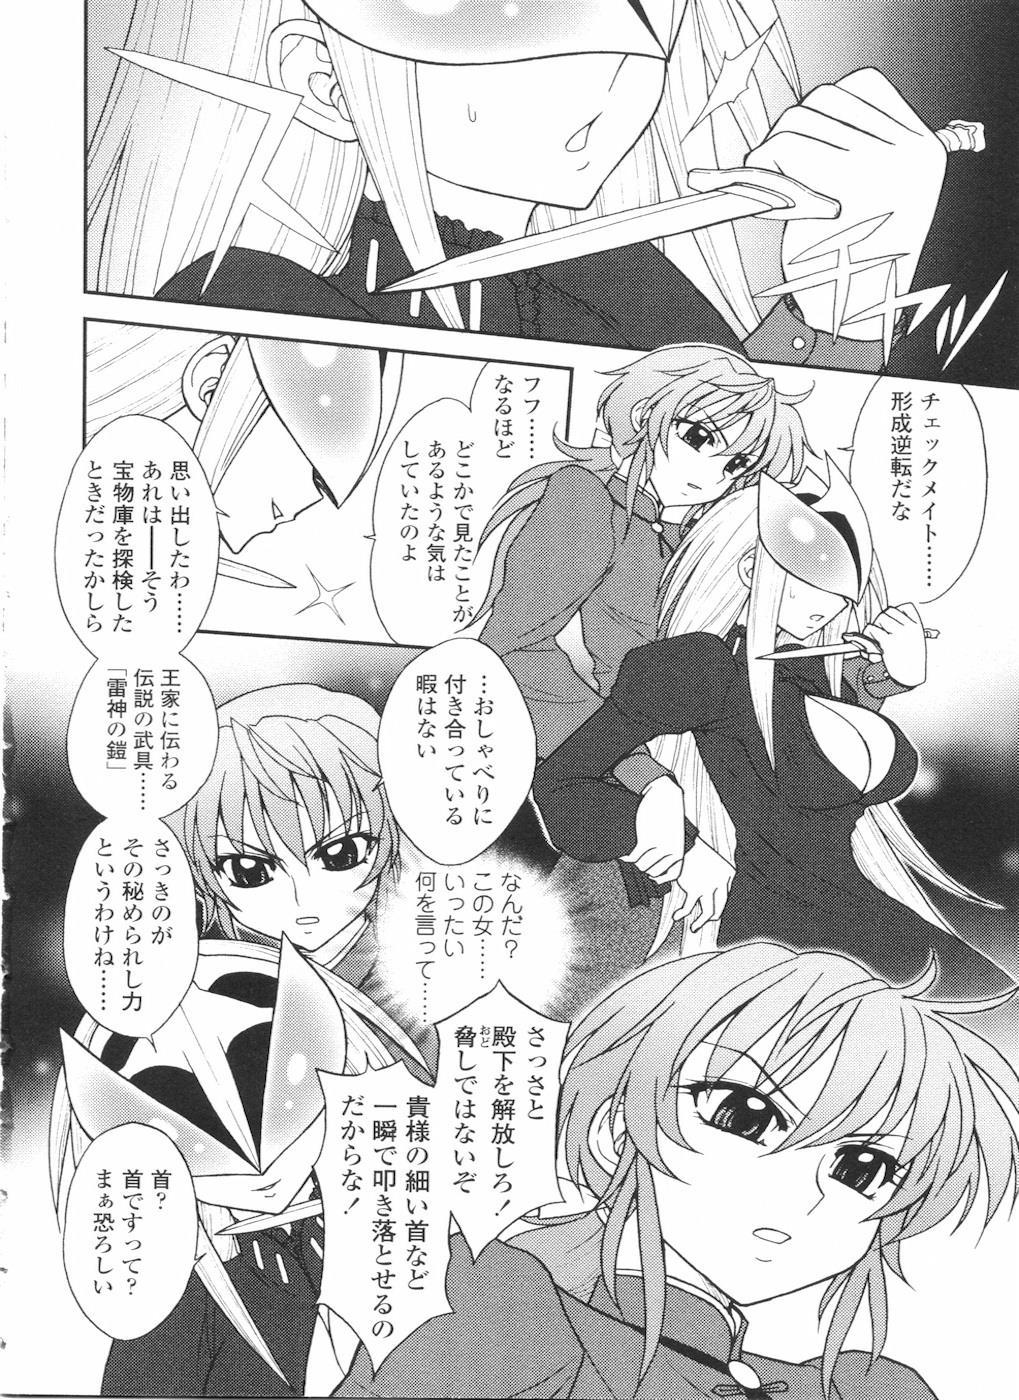 Futanarikko LOVE 11 49